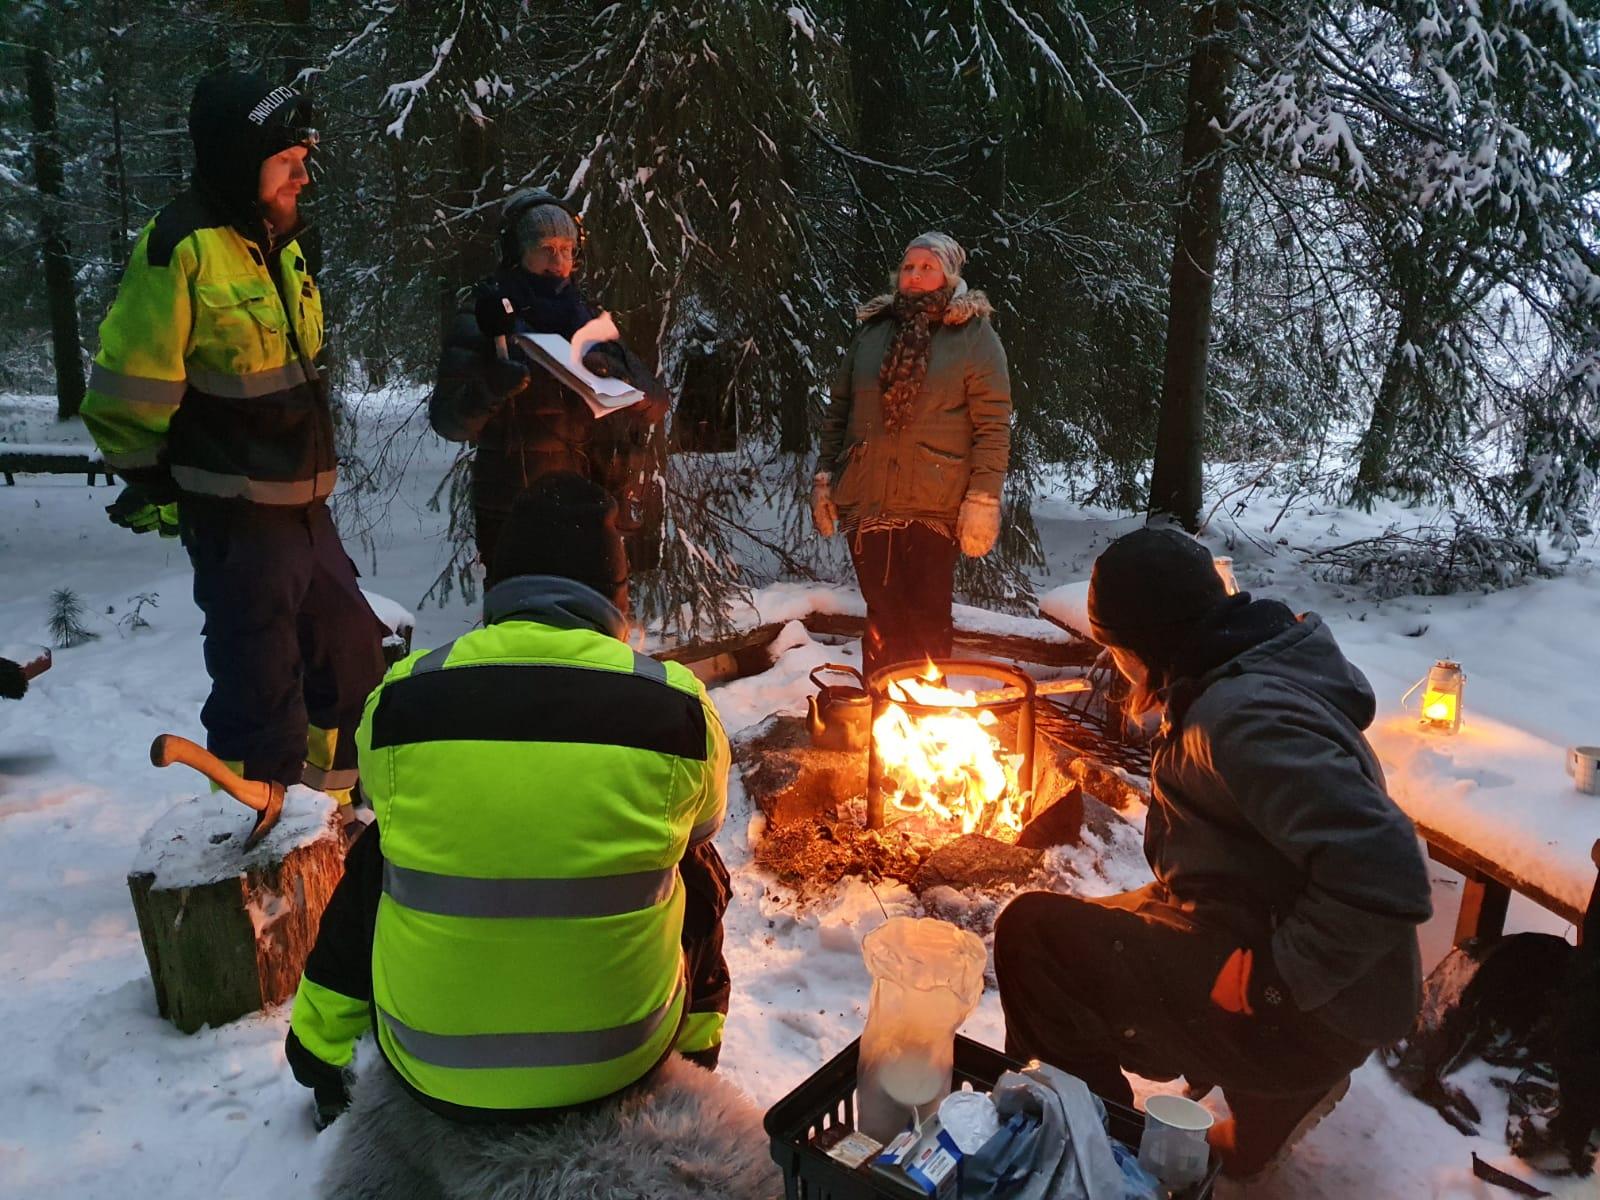 Viisi henkilöä ulkona nuotion äärellä talvisessa metsässä.